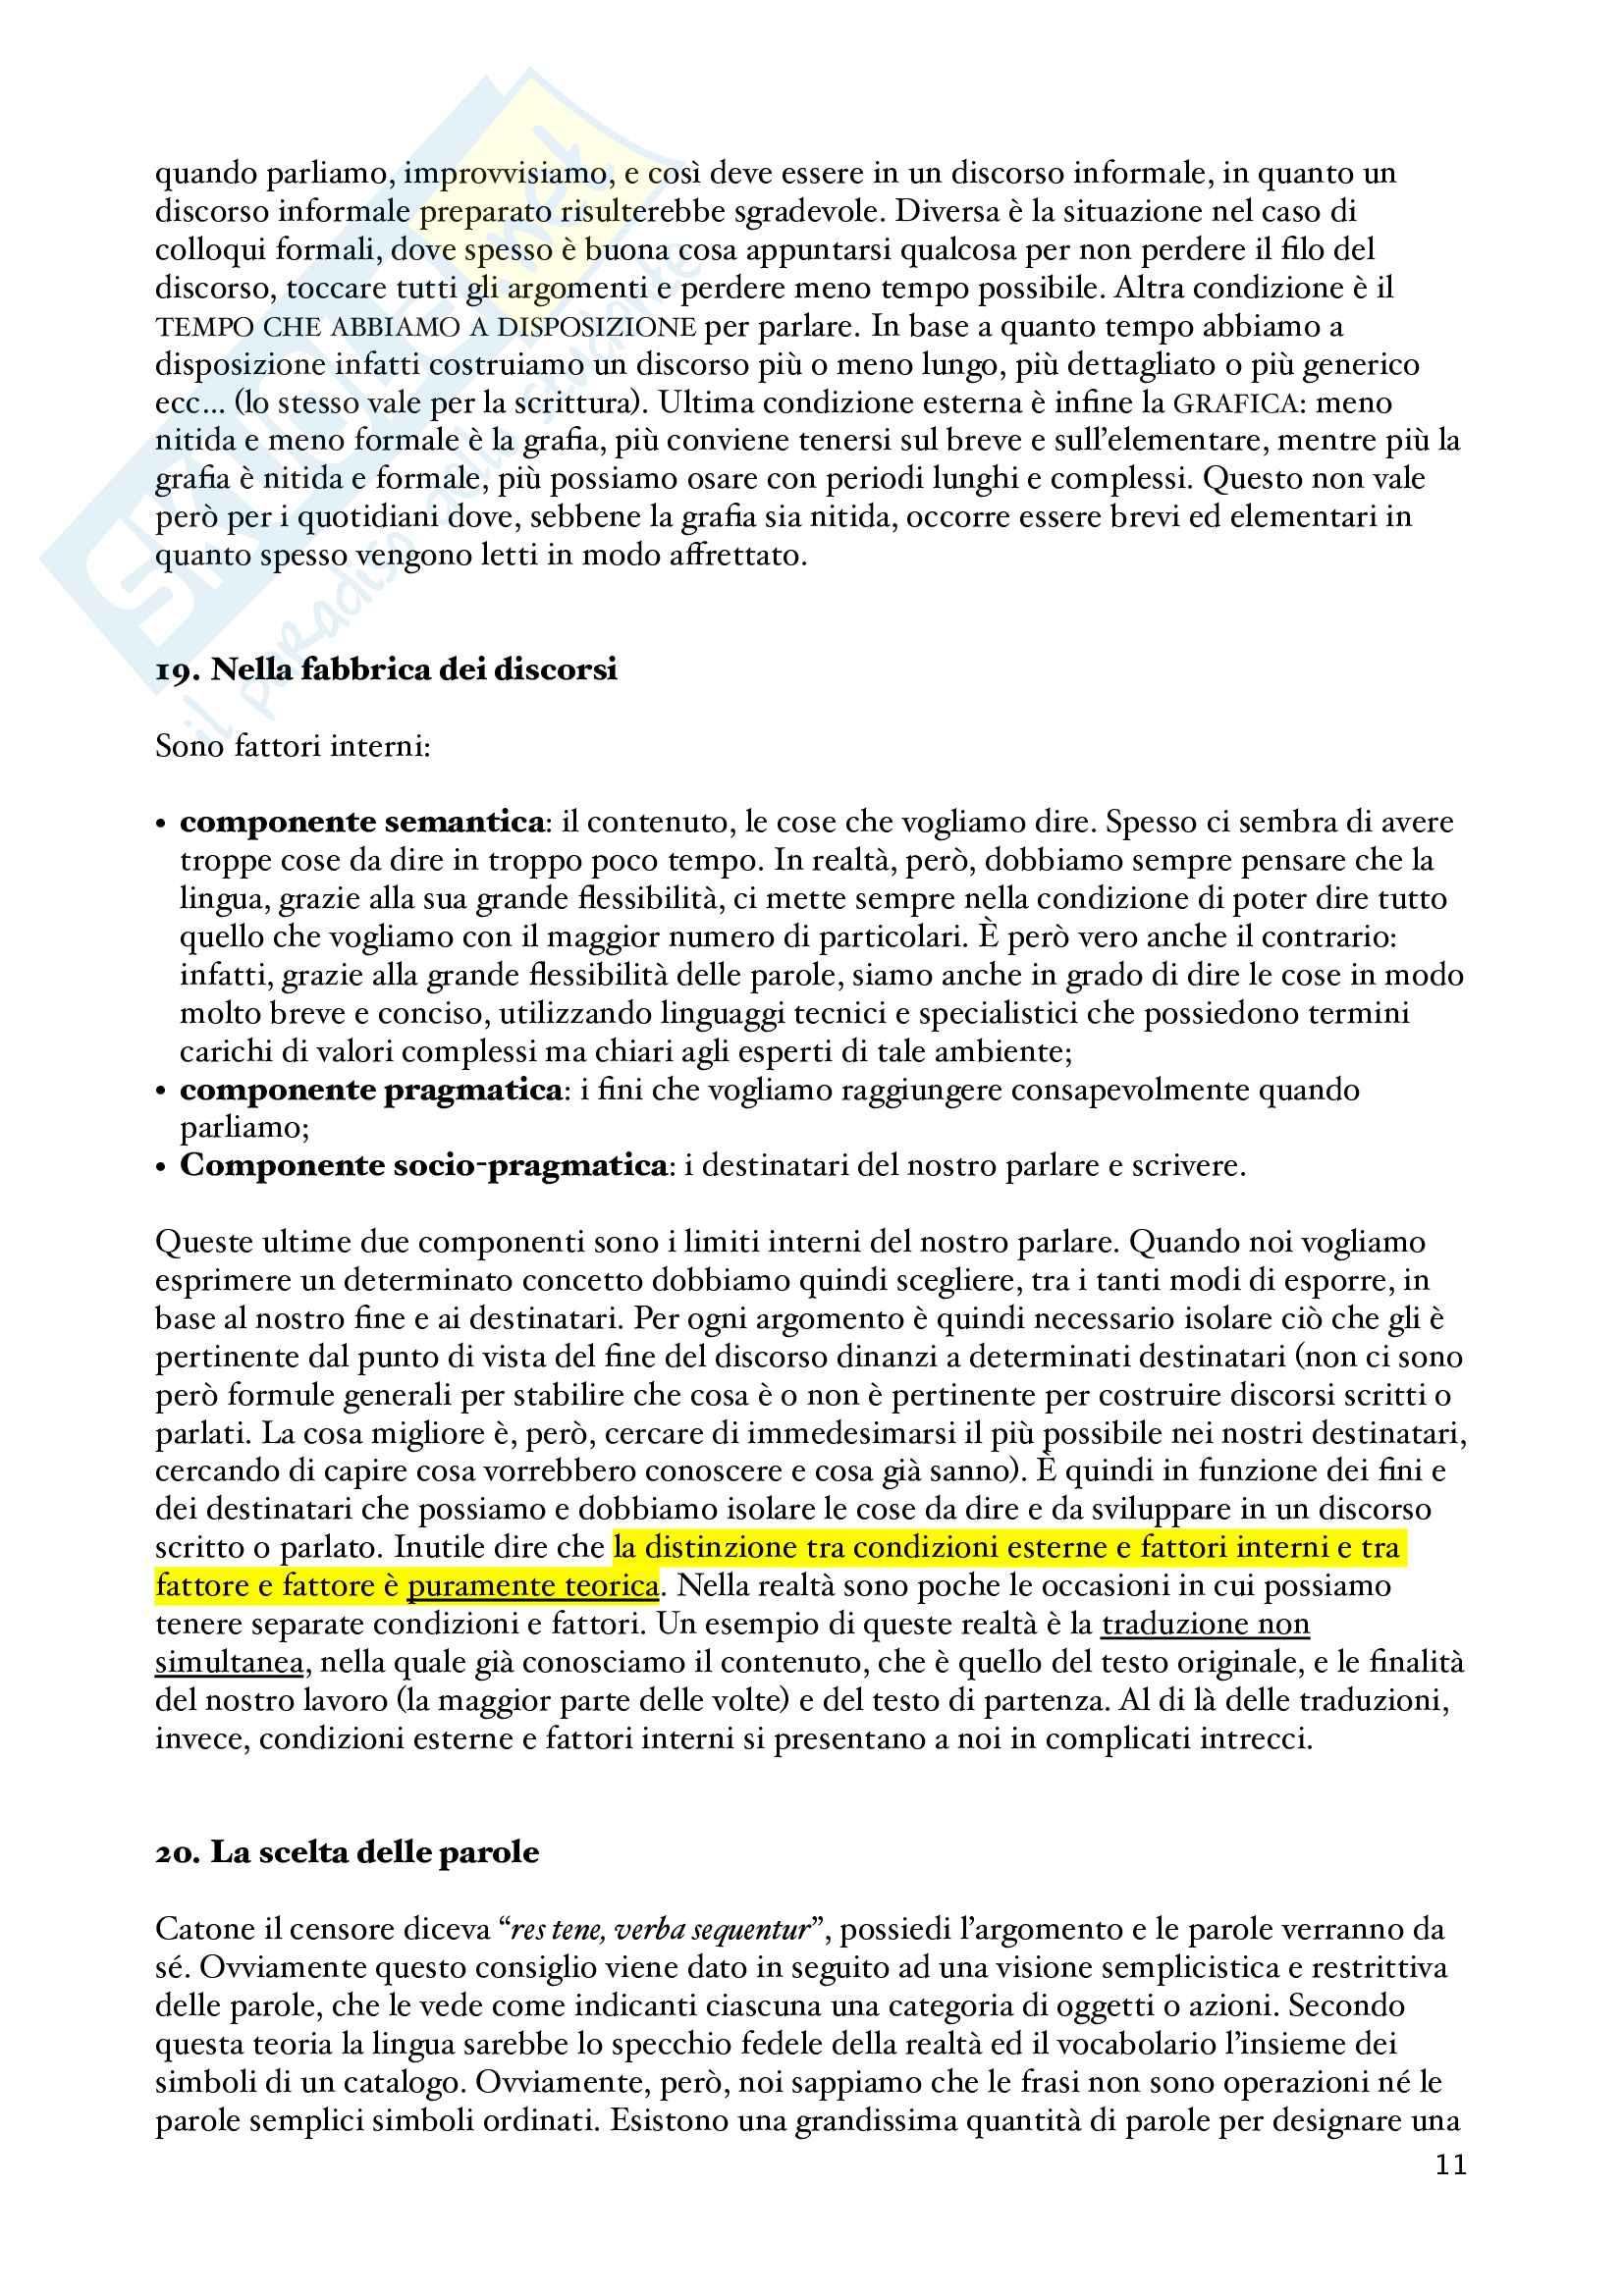 Appunti Guida all'uso delle parole, Semiotica Pag. 11